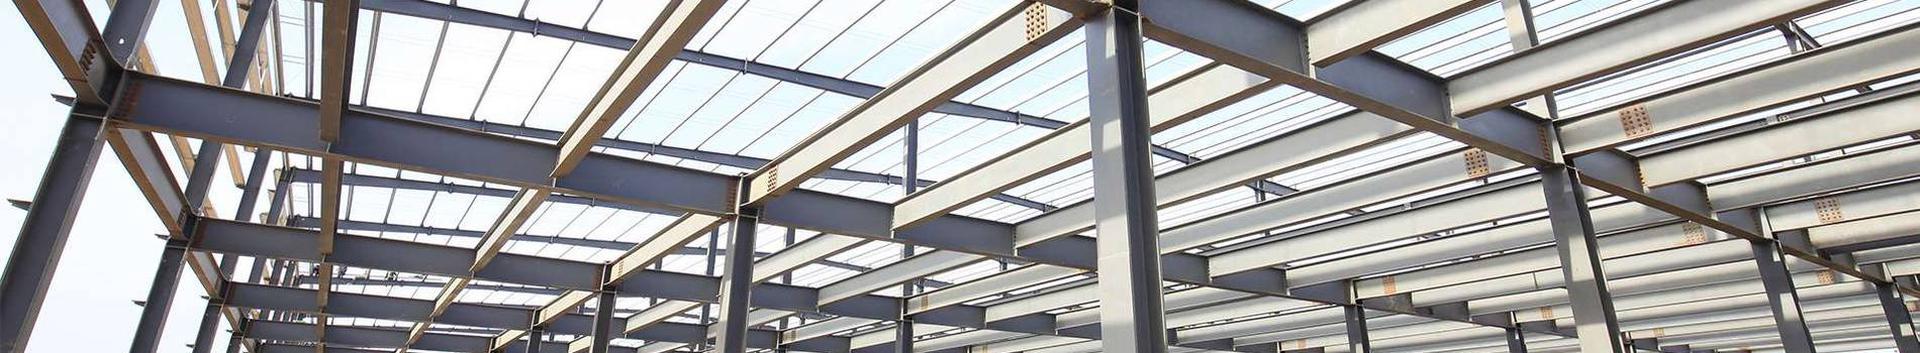 2511_metallkonstruktsioonide-tootmine_22774092_xl.jpg